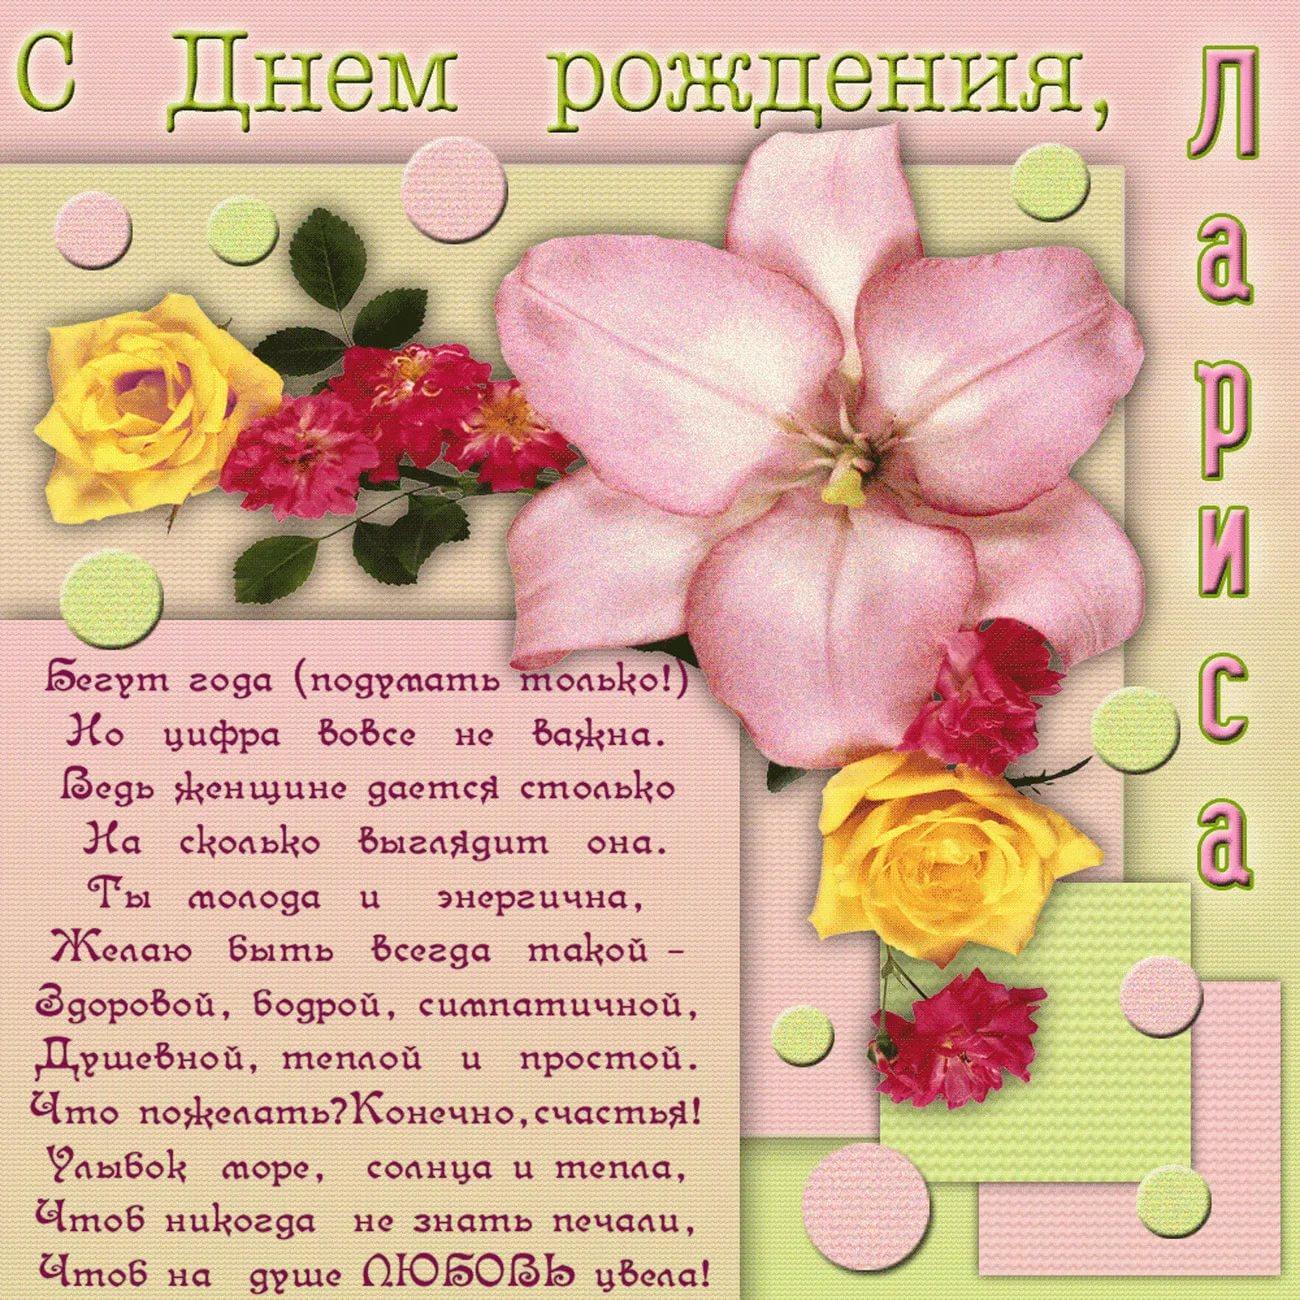 Красивые именные открытки с днем рождения женщине, с надписями 4